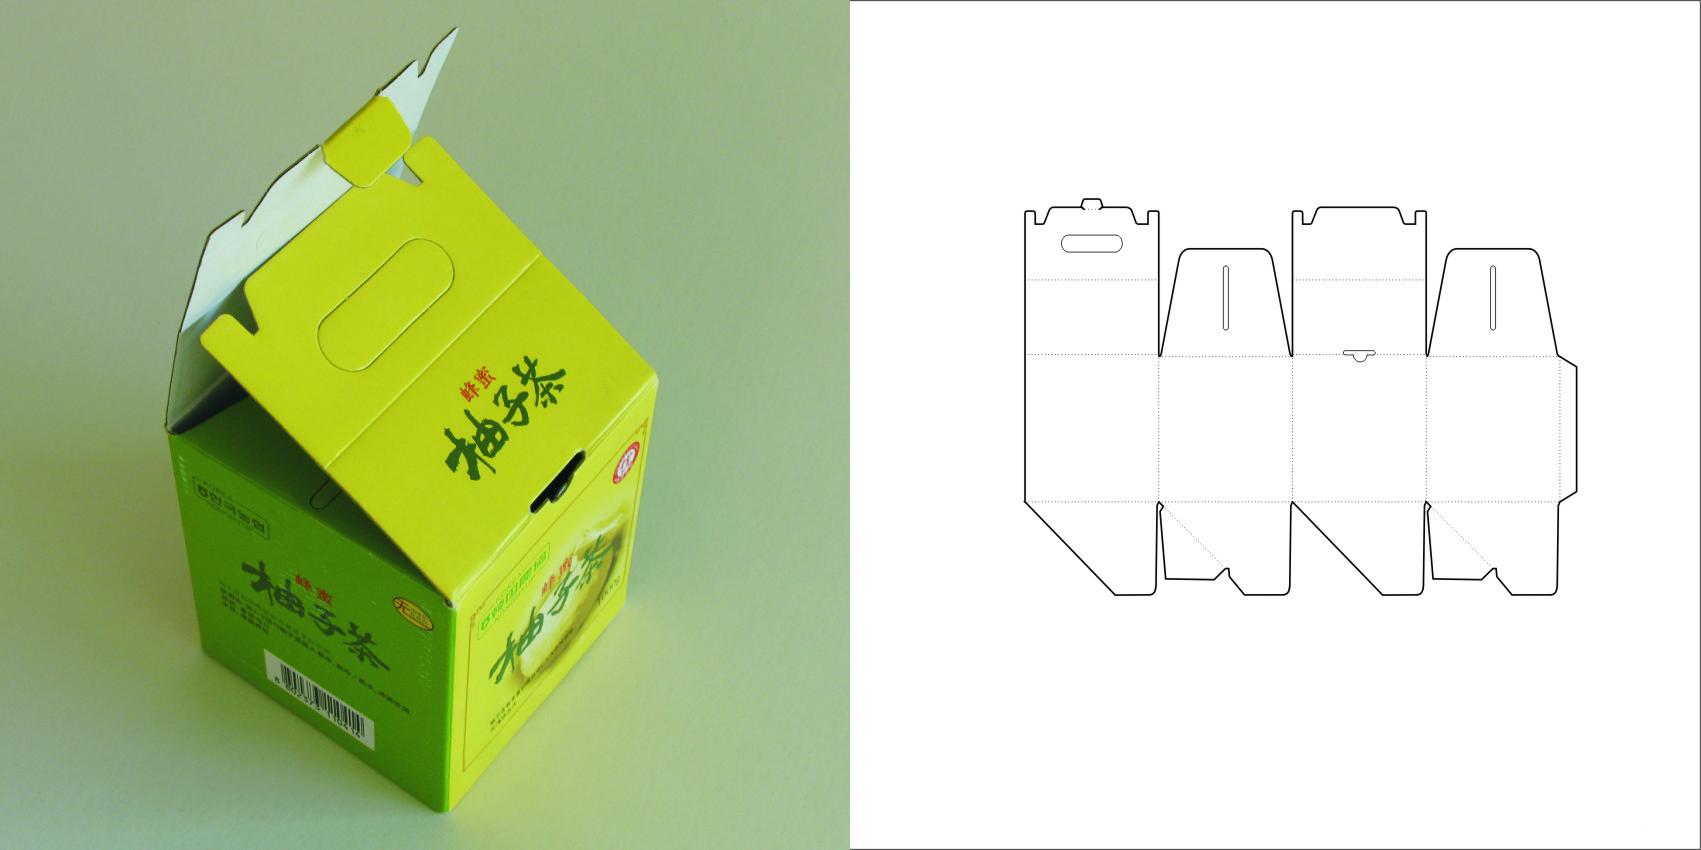 Коробочка для подарков своими руками из бумаги или картона: шаблоны и схемы 37